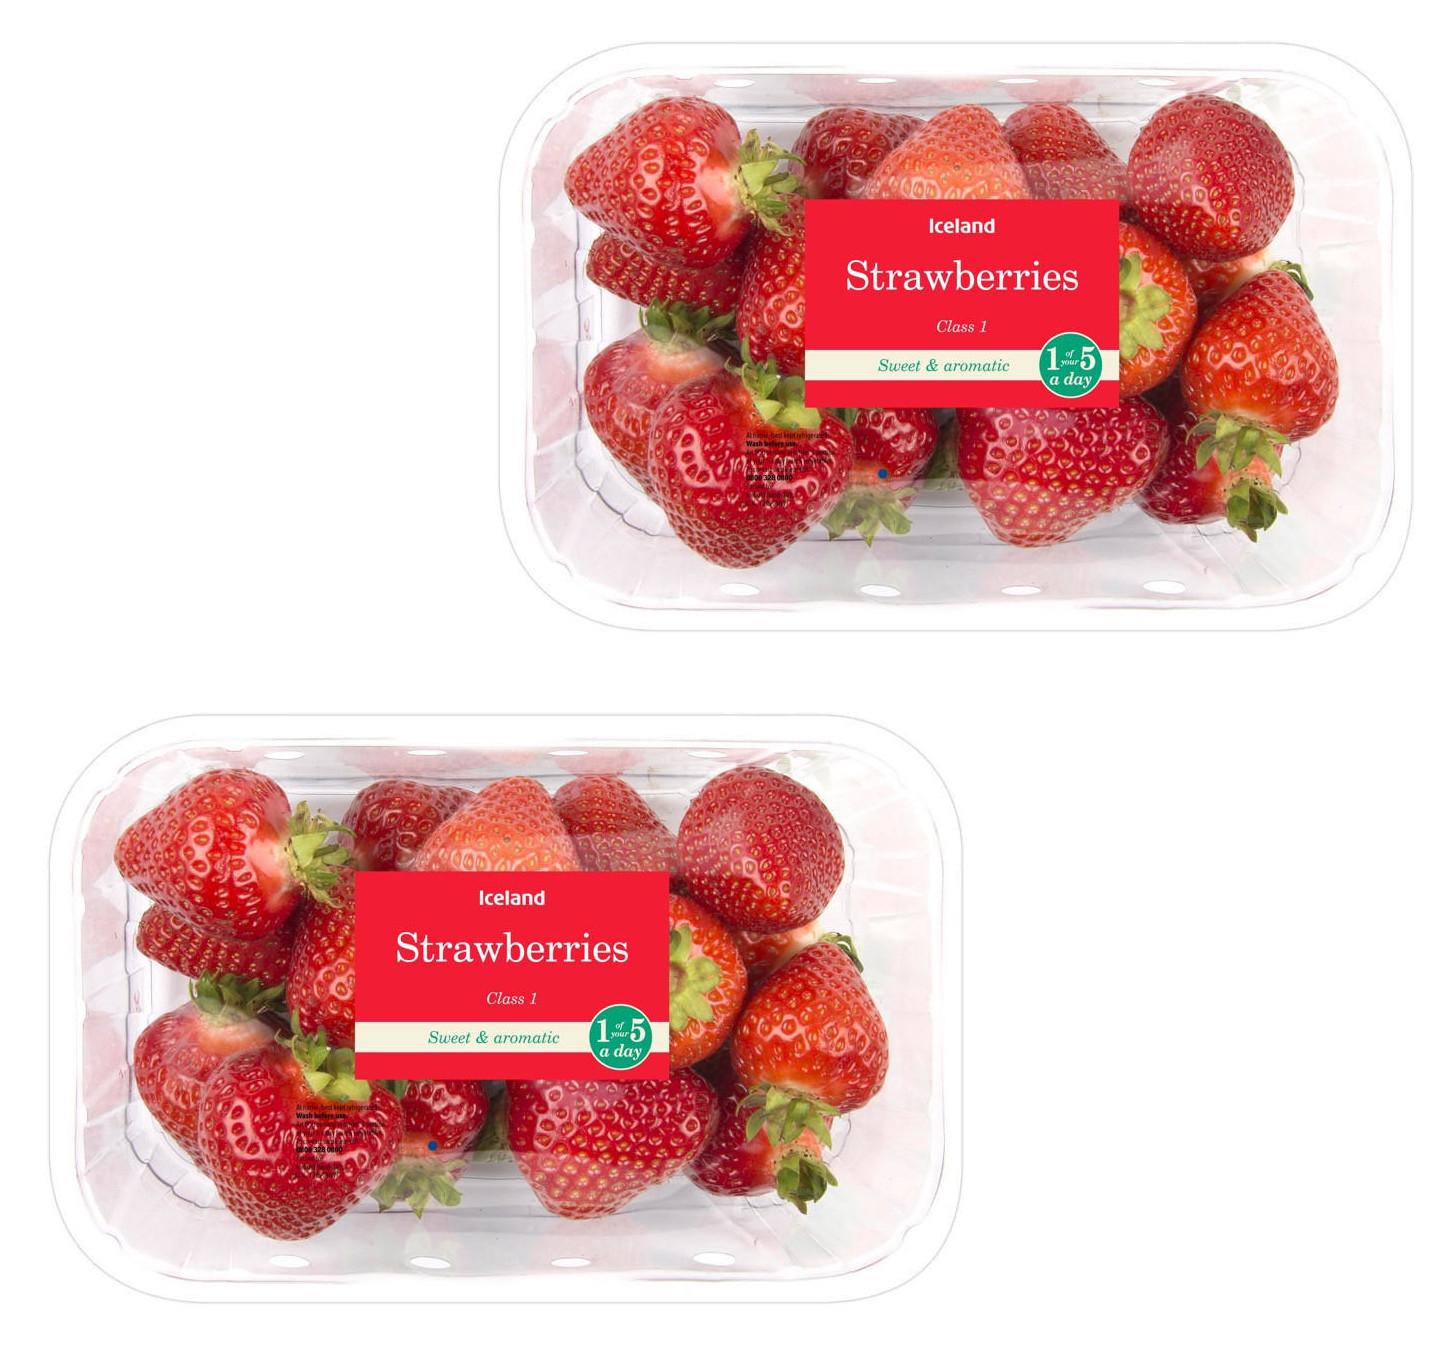 Strawberries 400g - 2 packs (800g) for £3 @ Iceland